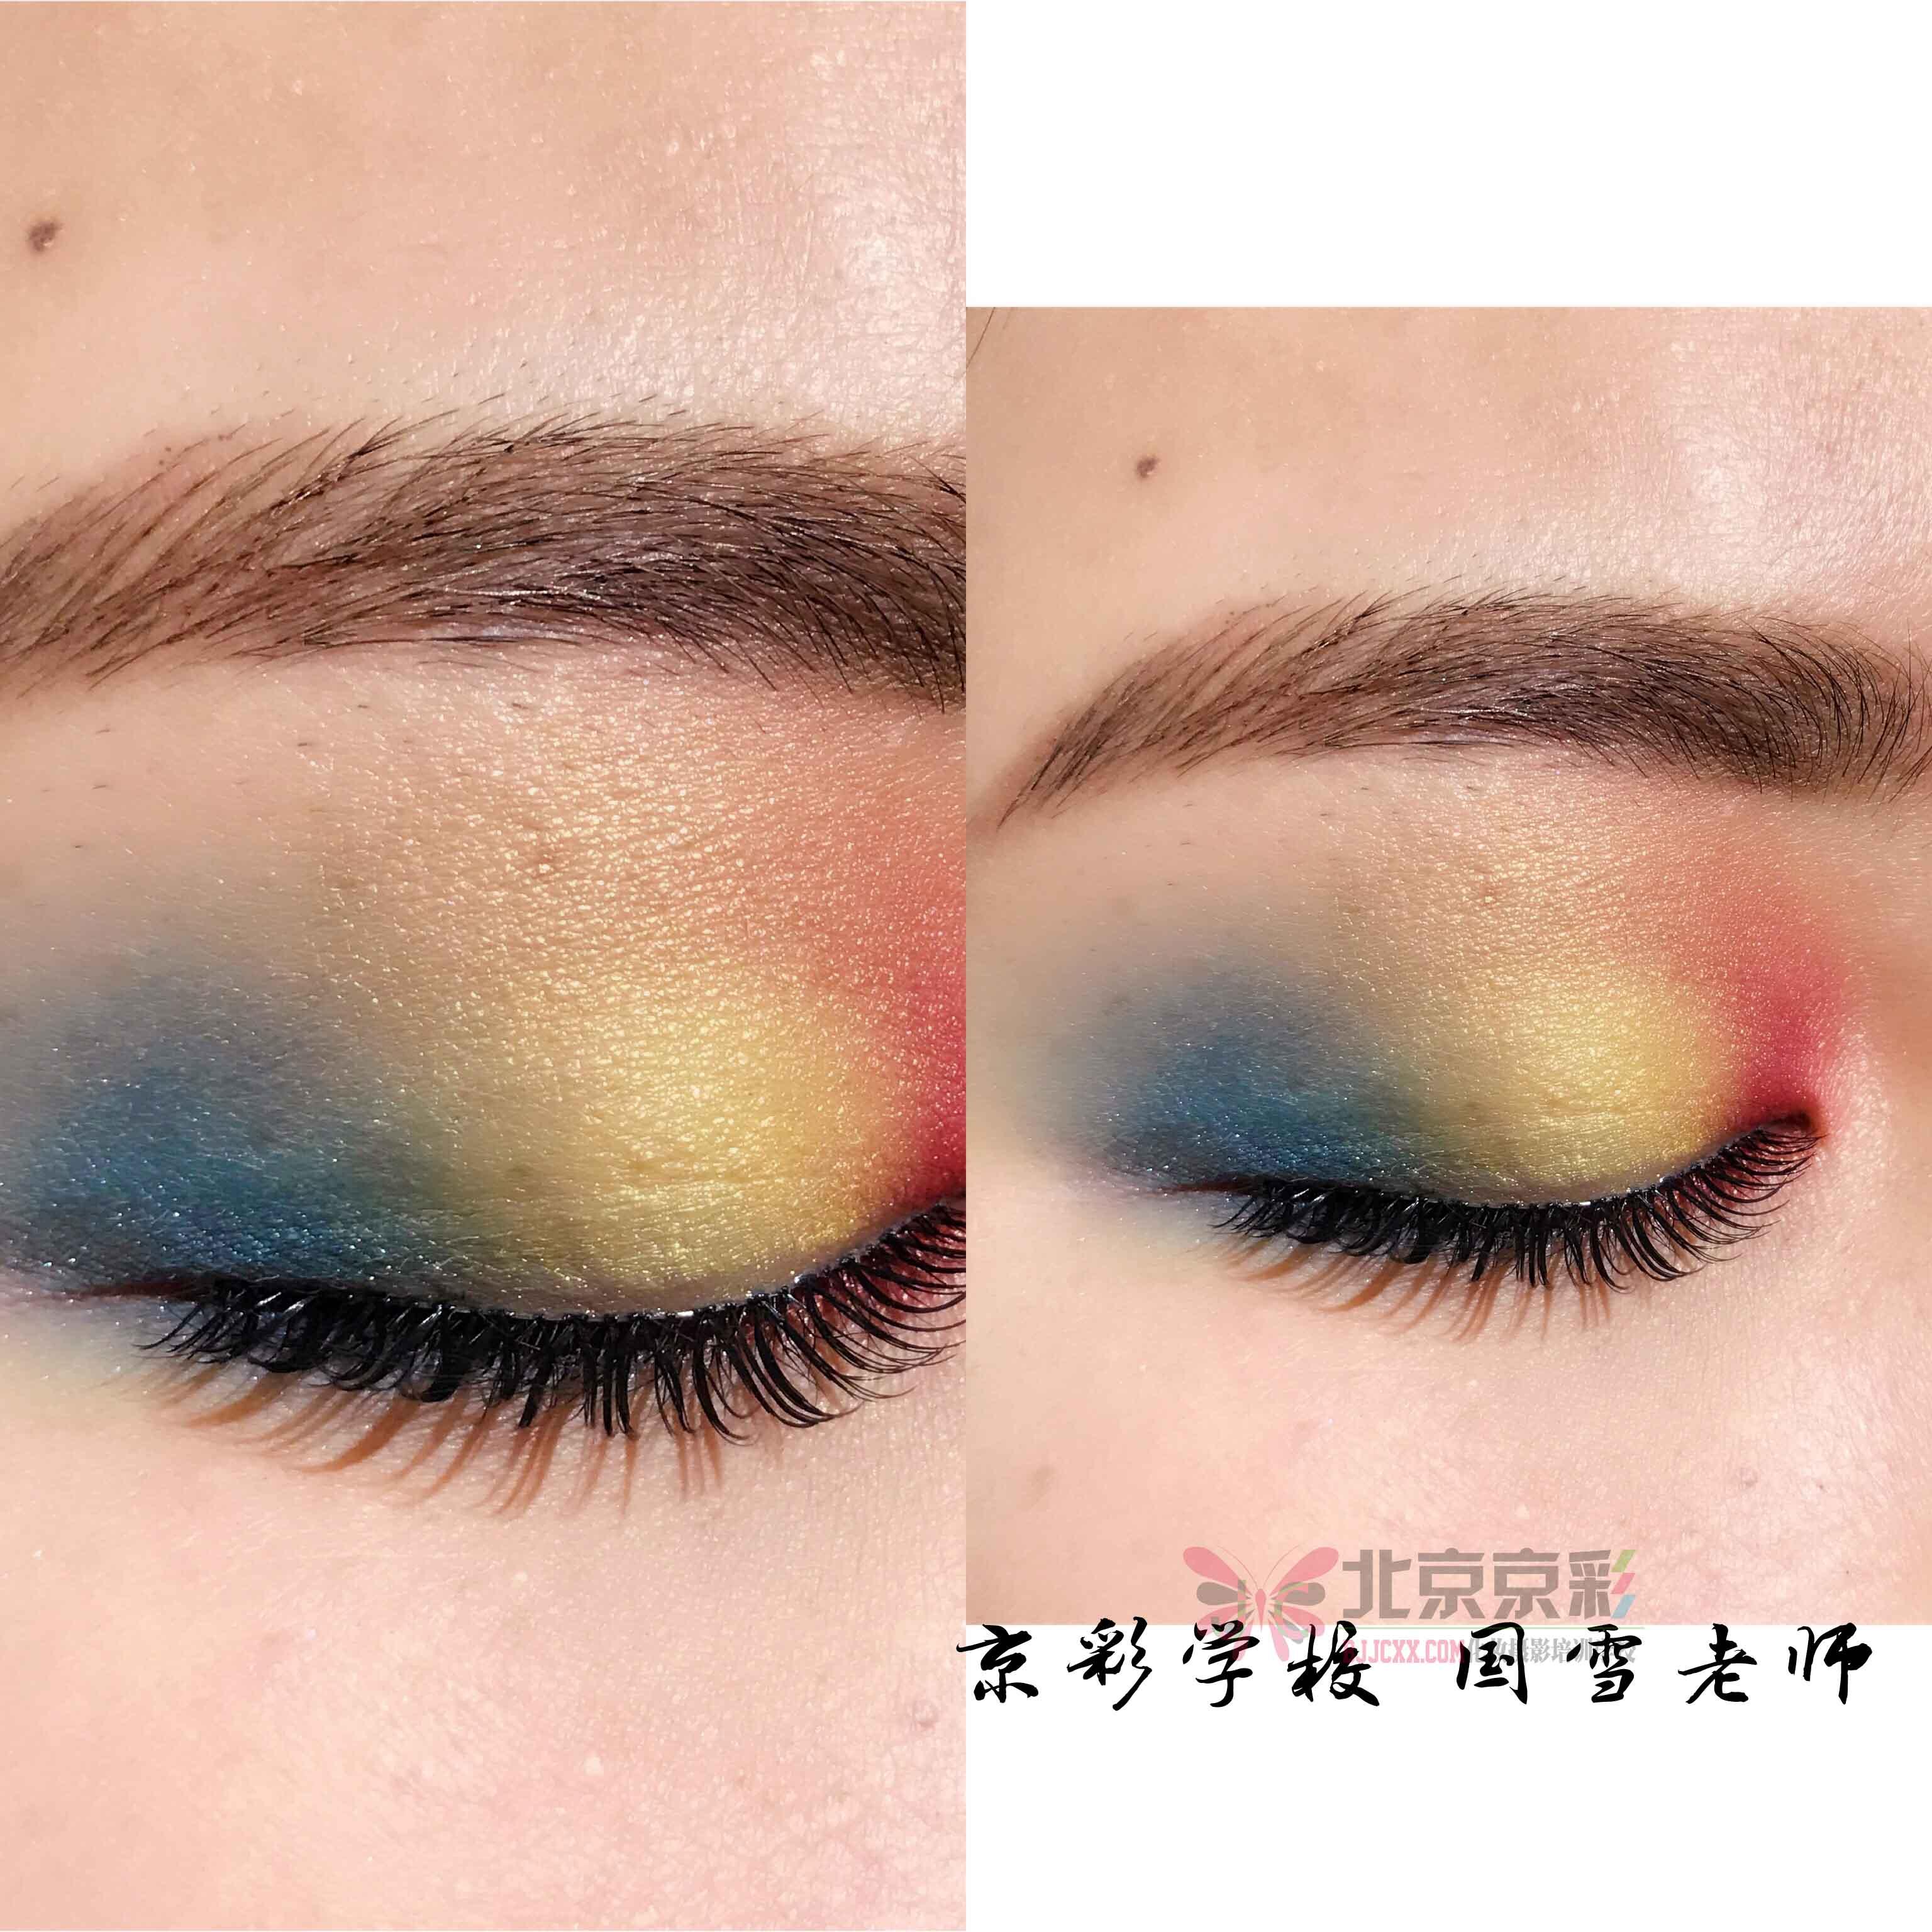 下面给大家说这个三色眼影的画法也是非常的简单,主要运用眼影越画越深,范围越缩越小的原则来画。通常再画第三层眼影时,颜色主要选用的是咖啡色,第三层的画法是将深色眼影覆盖在第二层眼影之上。呈现的是一种渐变的感觉。如果大家画的第二层眼影是加深眼尾画法的话,那么第三层就重在加深眼尾、晕染眼窝就可以了。  最后一个就是四色眼影的画法了,也是相对来说比较简单的,其实只要大家掌握了前面几种眼影的画法技巧,其他的都可以轻松简单的画出来了。那么在四色眼影的画法中,这里适合用的是最浅的颜色来画卧蚕打亮眼头,其他的三个色和前面